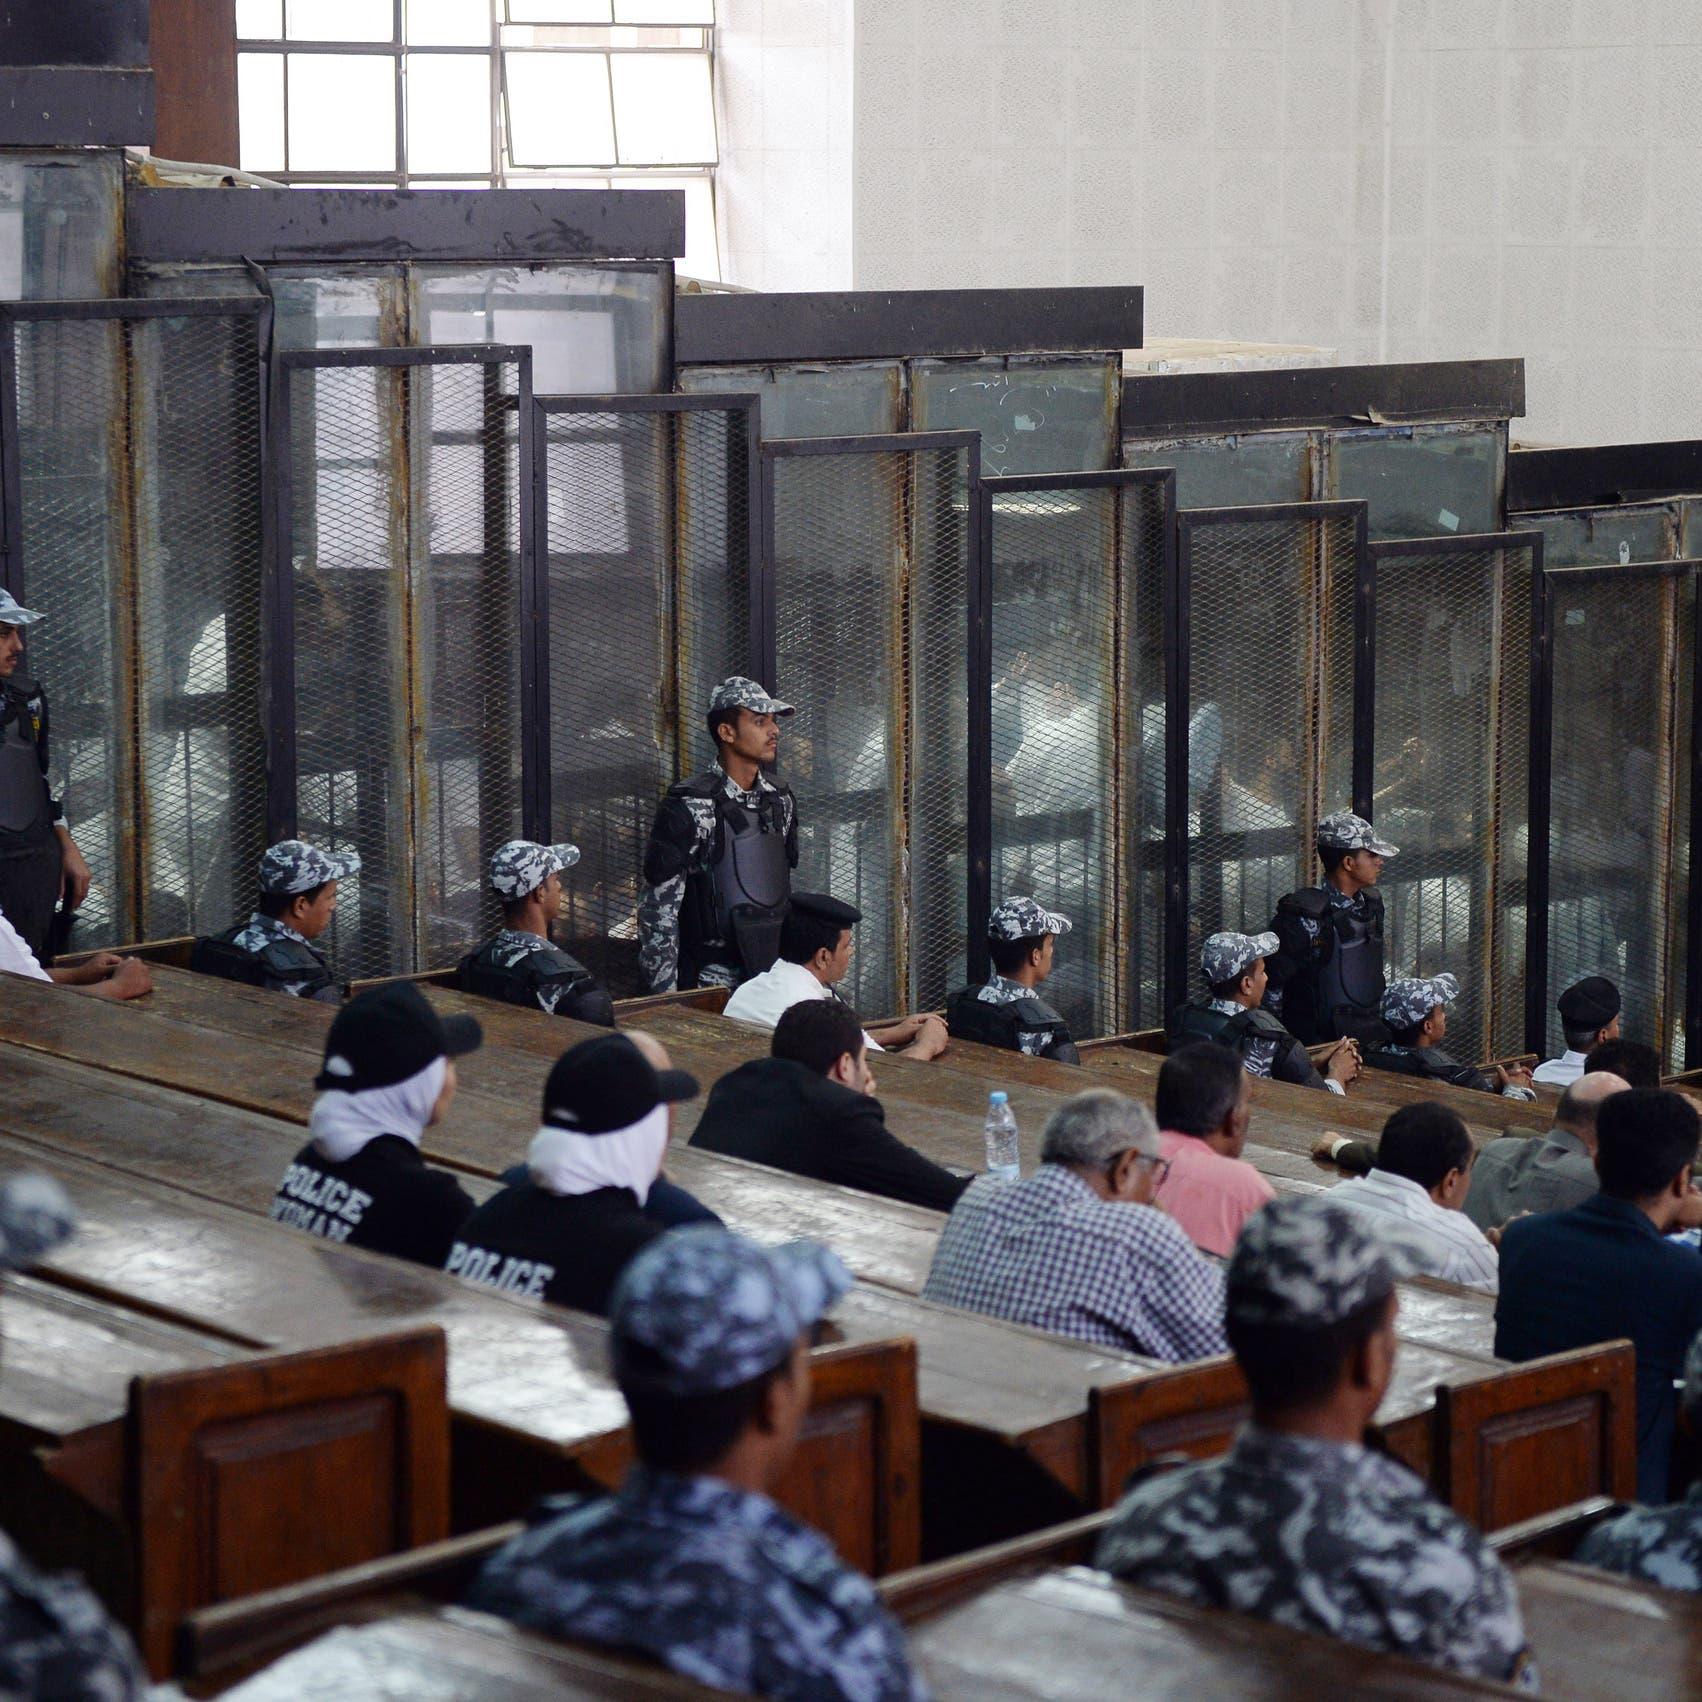 الإعدام لـ14 إخوانيا تورطوا بقتل وإصابة 42 شرطياً عام 2015